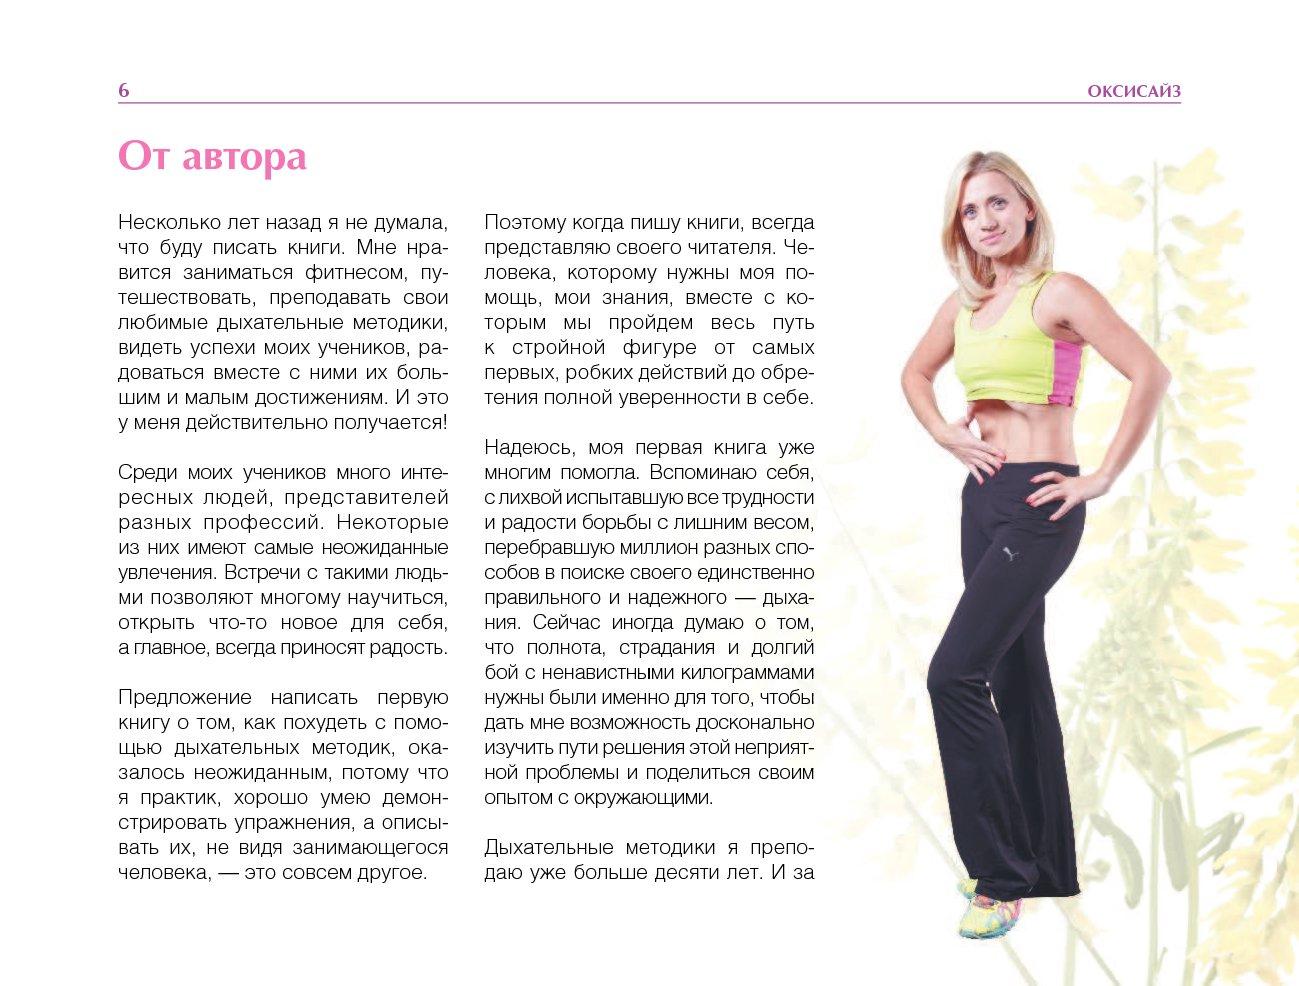 Оксисайз для похудения лица